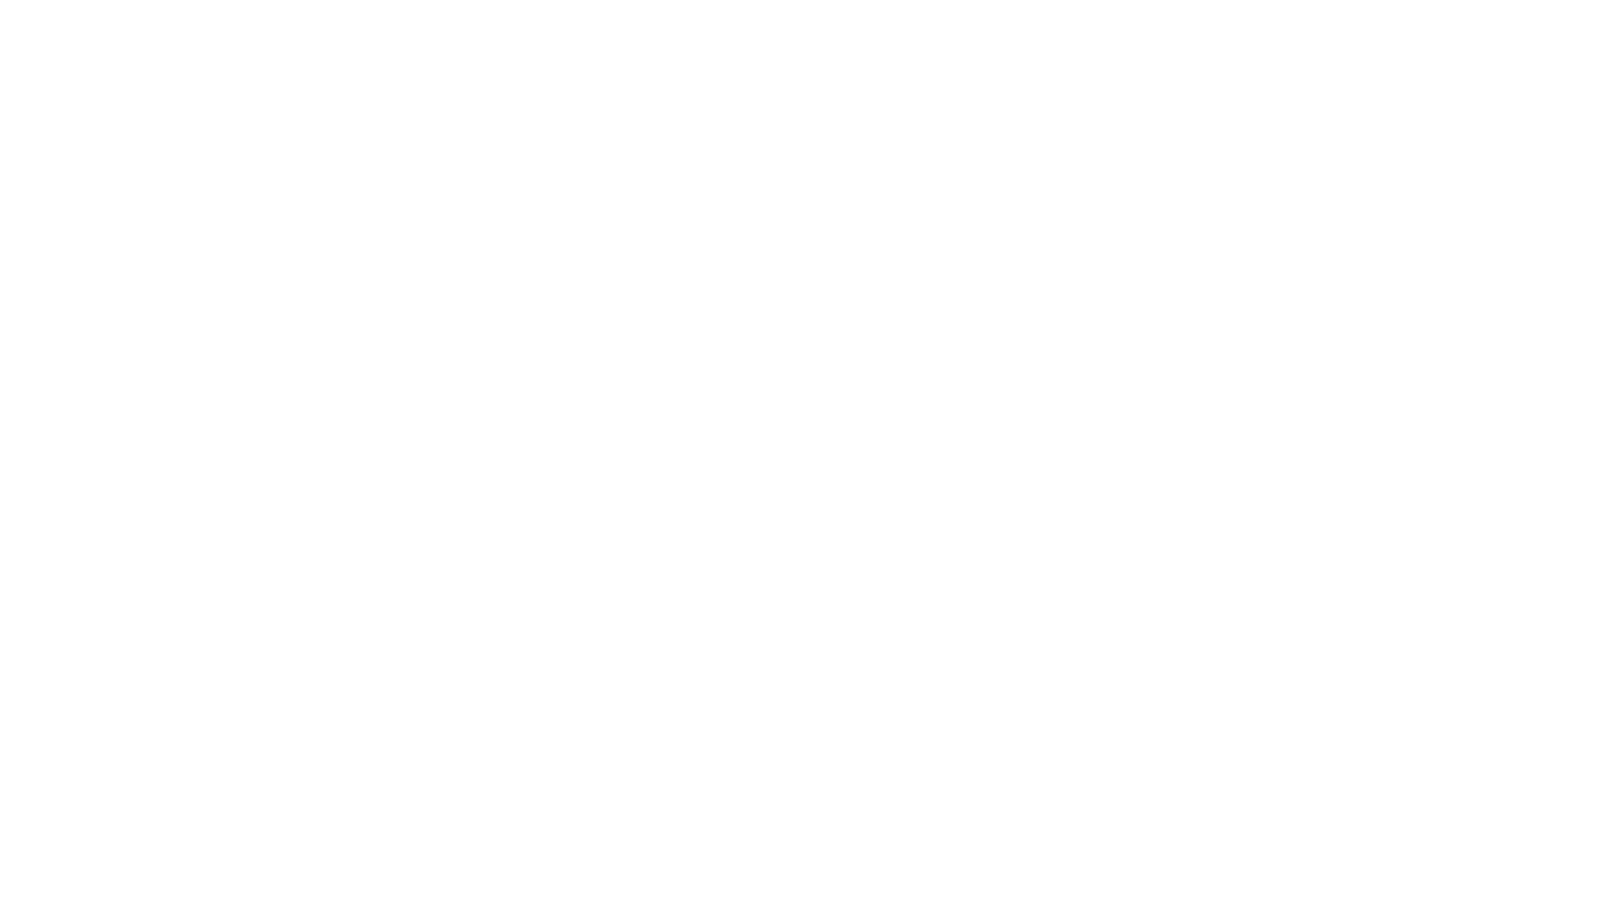 """A l'occasion de la sortie de son ouvrage """"Génération Resident Evil, 25 ans de Survival Horror"""" chez Omake Books, l'auteur Bruno Rocca nous fait le plaisir de sa présence lors d'une émission spéciale Resident Evil, où nous avons évidemment parlé de la géniale série de Capcom tout en se confrontant à nouveau au tout premier opus.  Le blog Retro-Games.fr : https://www.retro-games.fr Twitch : https://www.twitch.tv/retrogamesfrlive Facebook : https://www.facebook.com/RetroGames.fr Twitter : https://twitter.com/RetroGames_fr  #retrogaming #residentevil #brunorocca"""